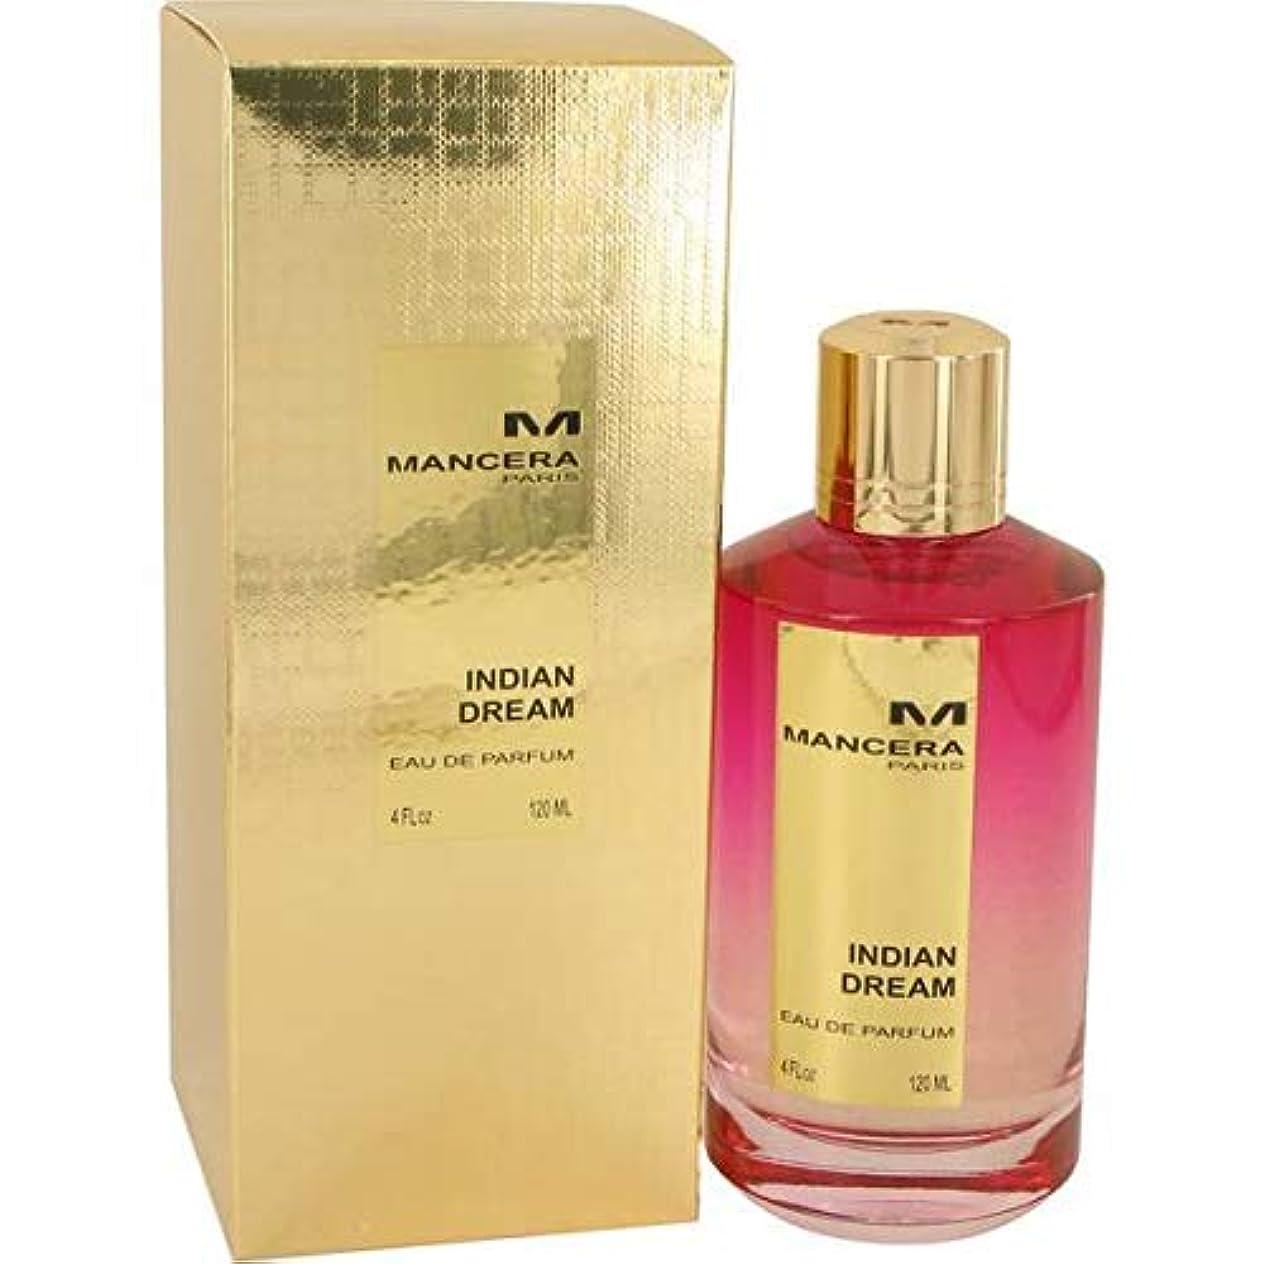 熱心なまばたき擬人Mancera Indian Dream Eau de Parfum 4.0 oz./120 ml New in Box